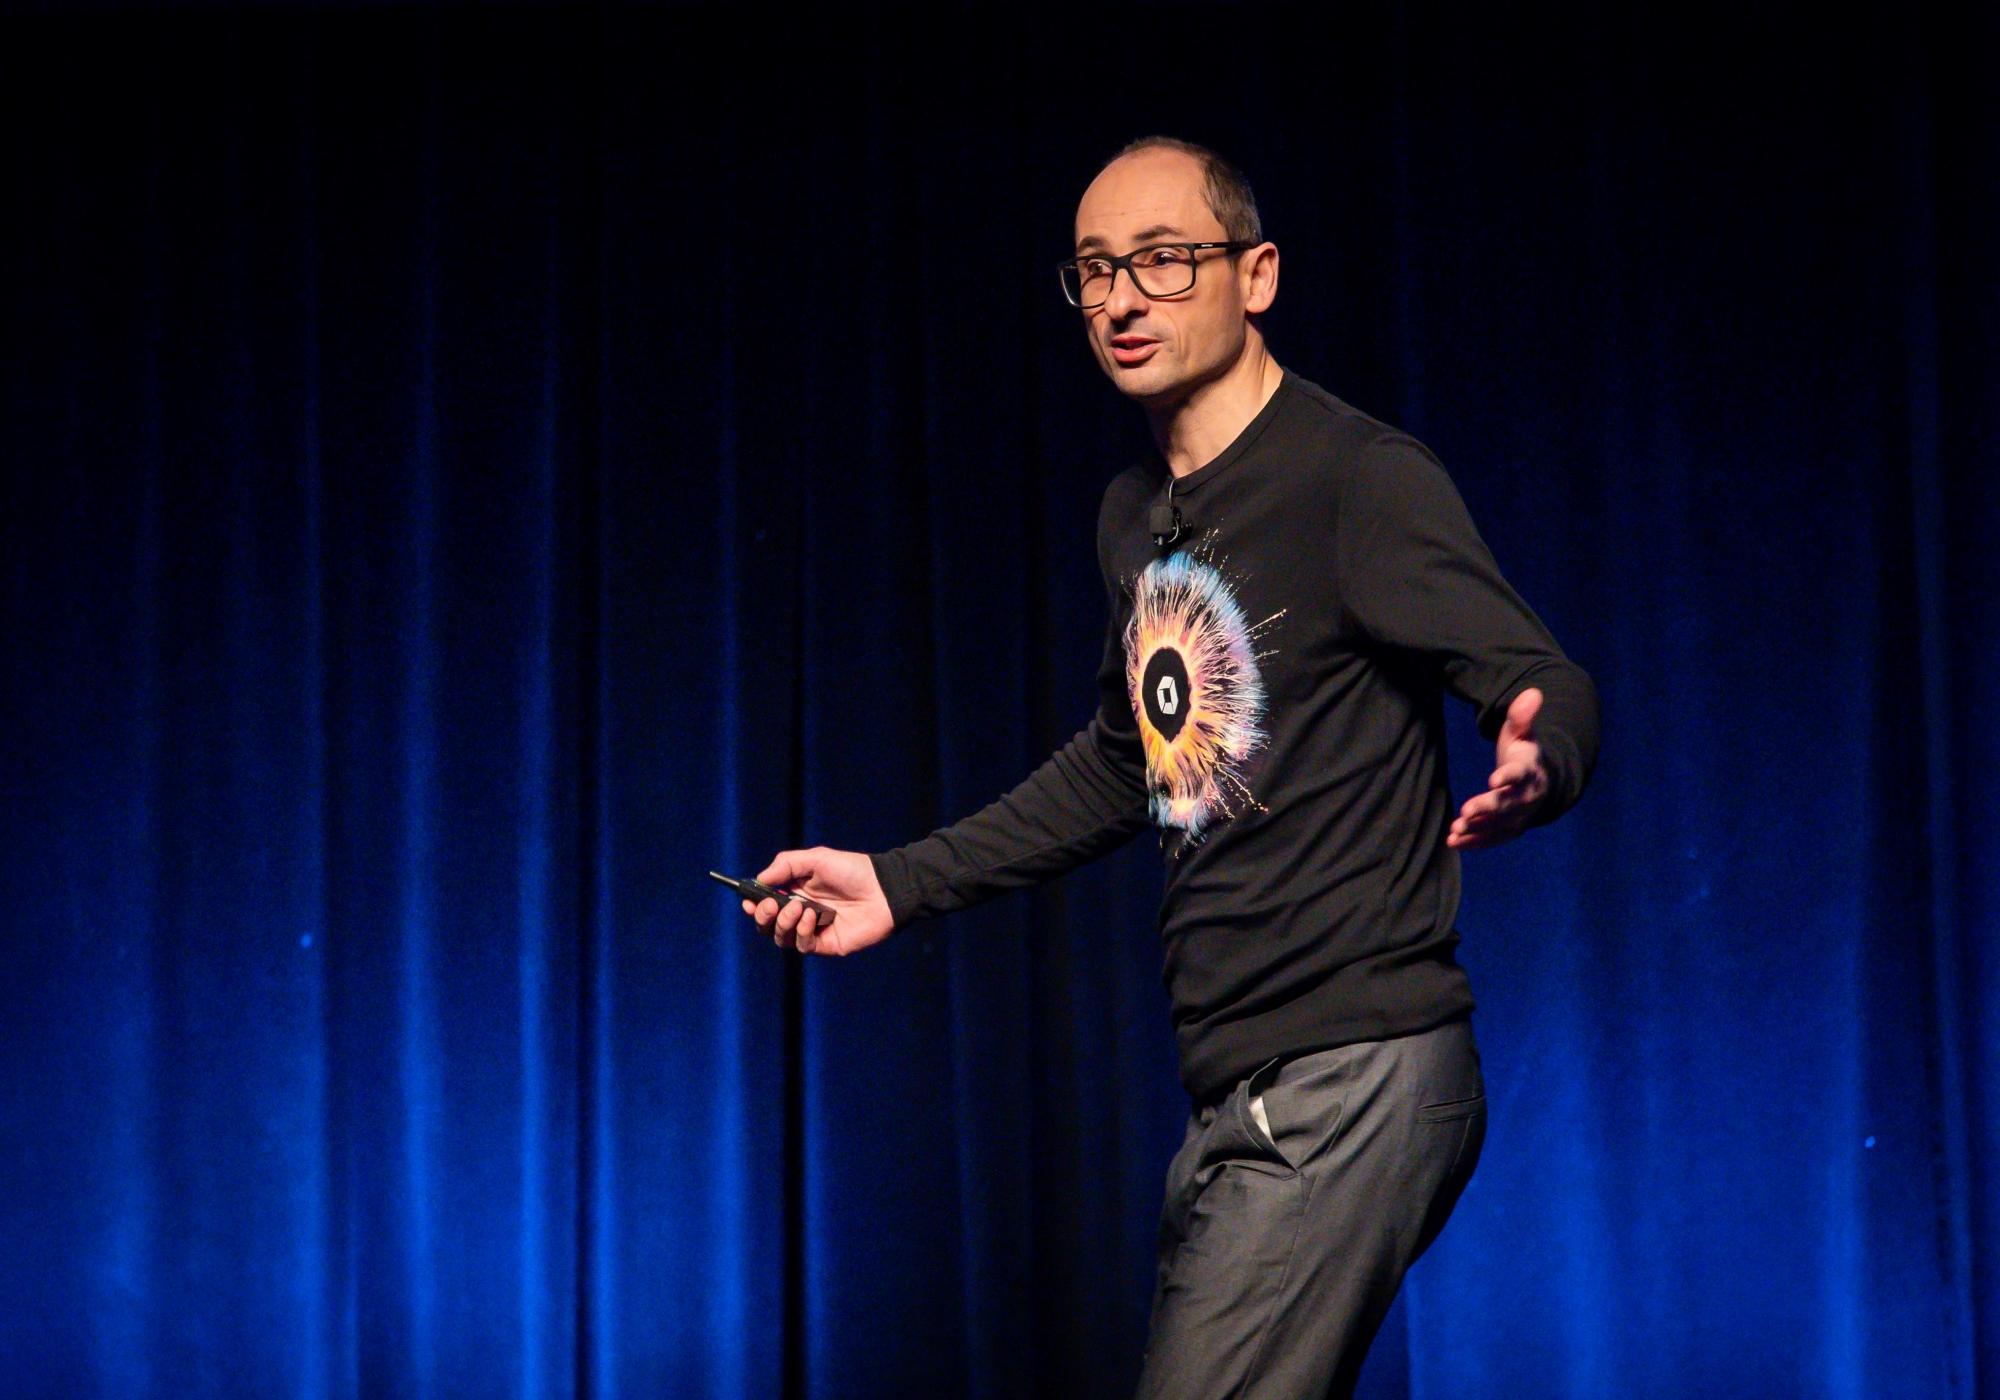 CTO Talk: Q&A with Dynatrace's Bernd Greifeneder